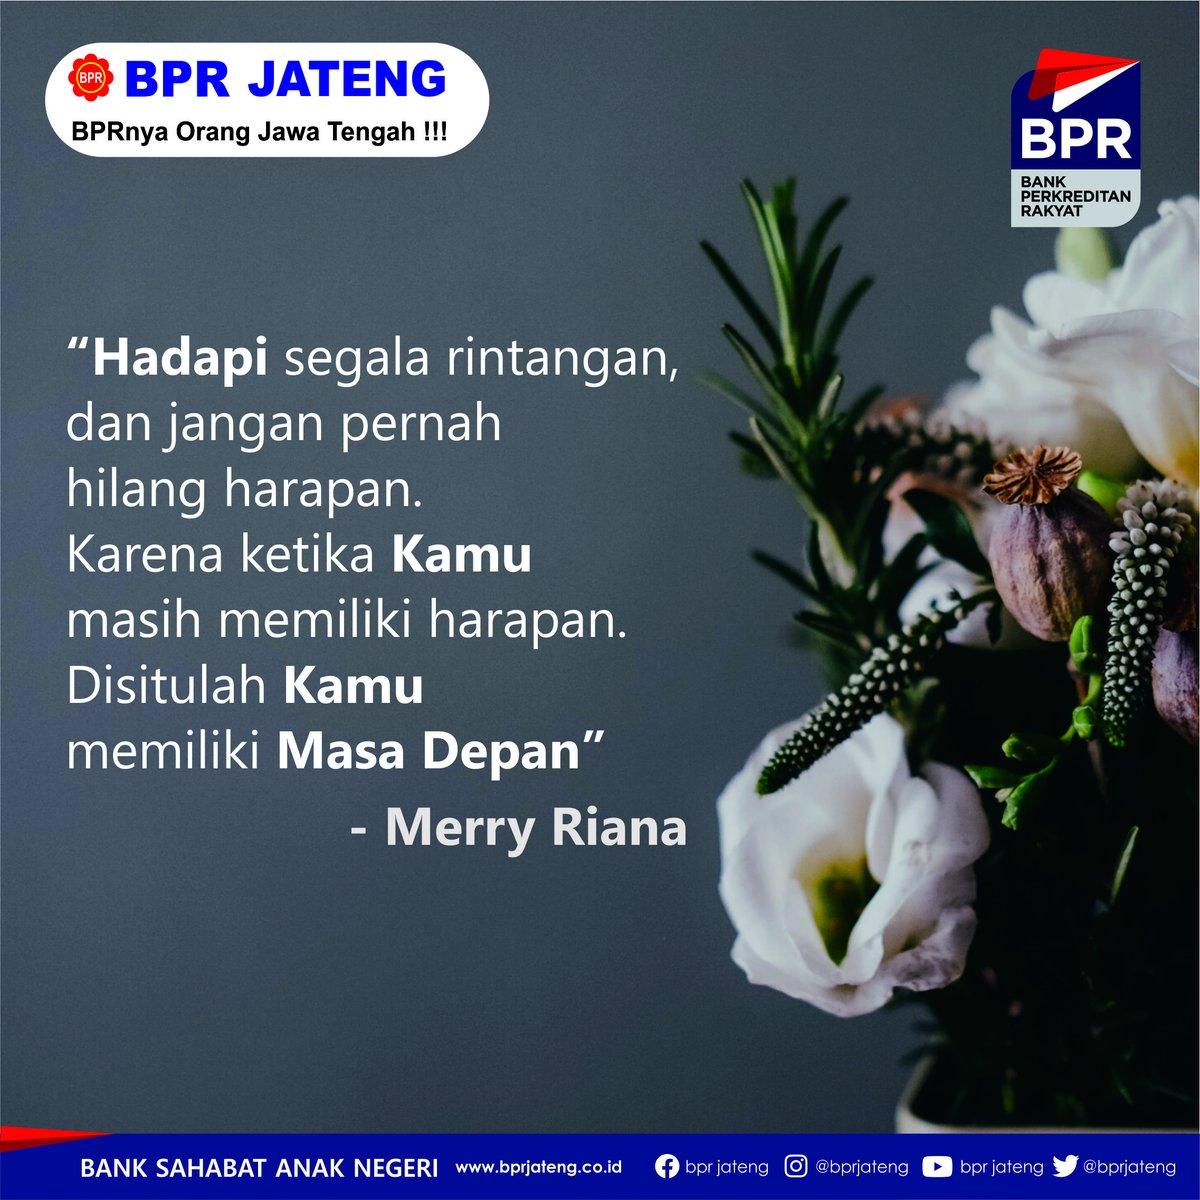 Tetap Semangat dan Terus Berjuang  #motivasi #Quote #bprjateng #semarang #Hitssemarang #lokersmg #lokersemarang #Indonesia #KreditCepat #kreditmudah #Kreditmurah #Semangat #Kerjakeras #masadepan #finance #jatenggayeng #jateng #jawatengah #bank #bpr #bankperkreditanrakyat #jawapic.twitter.com/hG4bOhw868